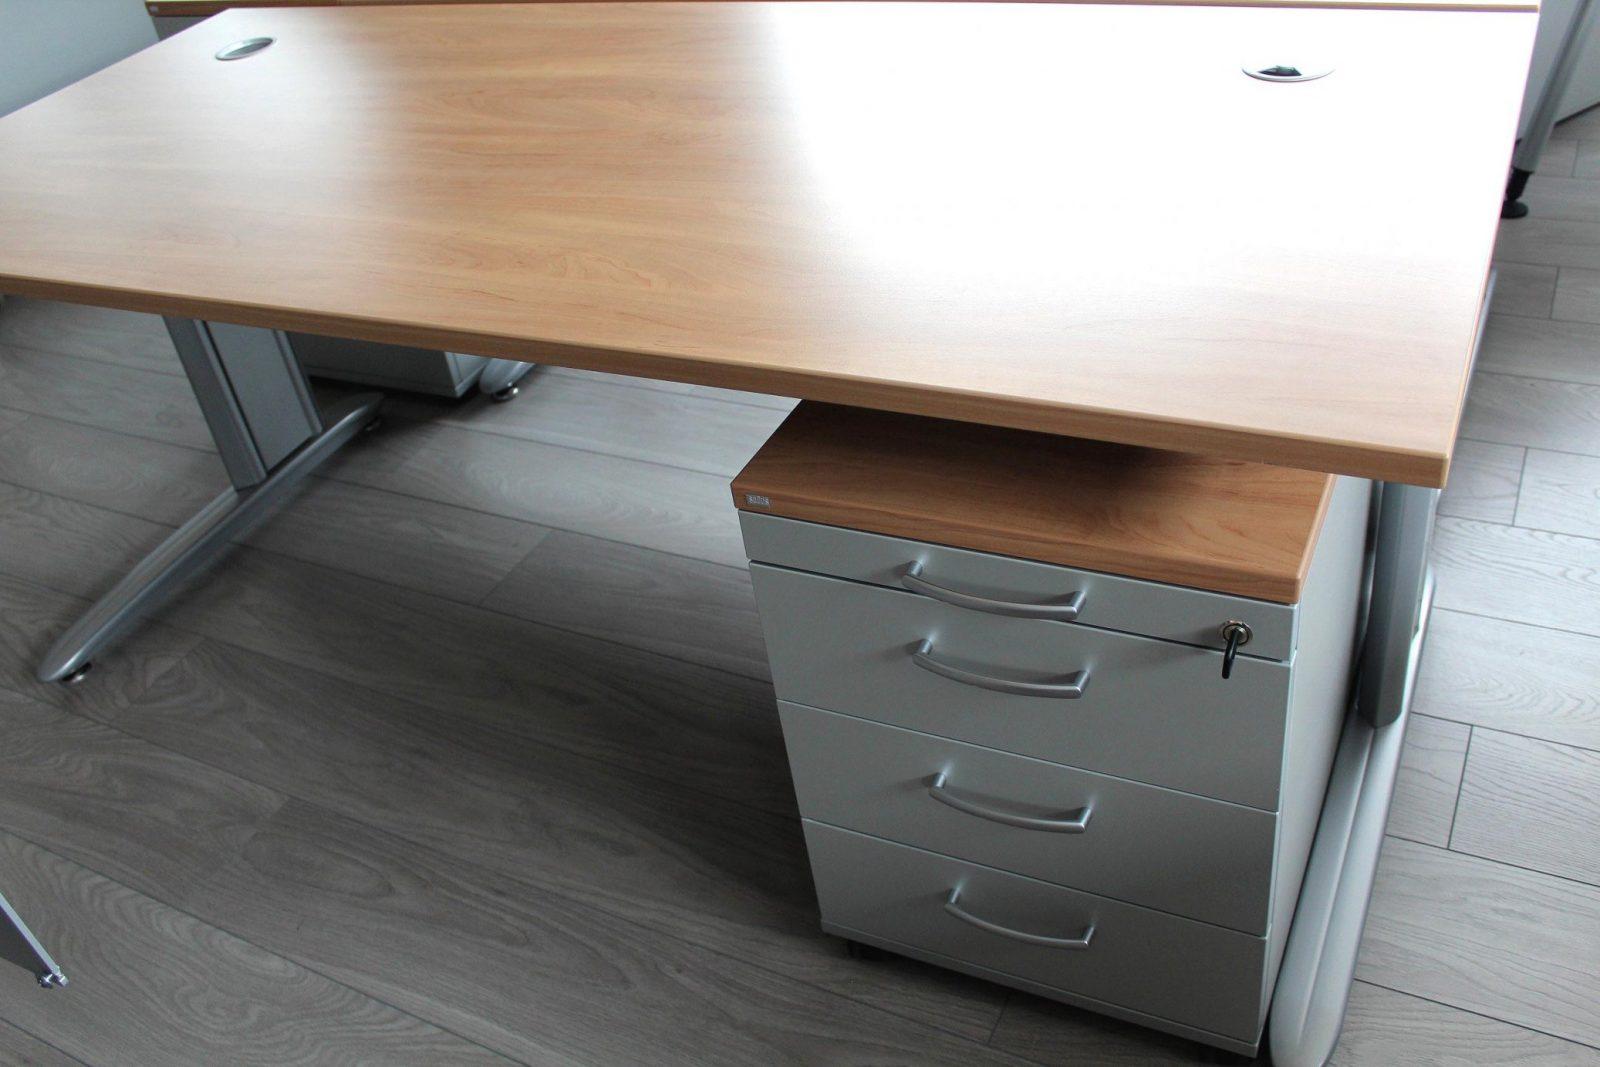 Meyer's Gebrauchte Büromöbel  Hochwertige Büromöbel Zu Wirklich von Usm Haller Gebraucht Hamburg Photo